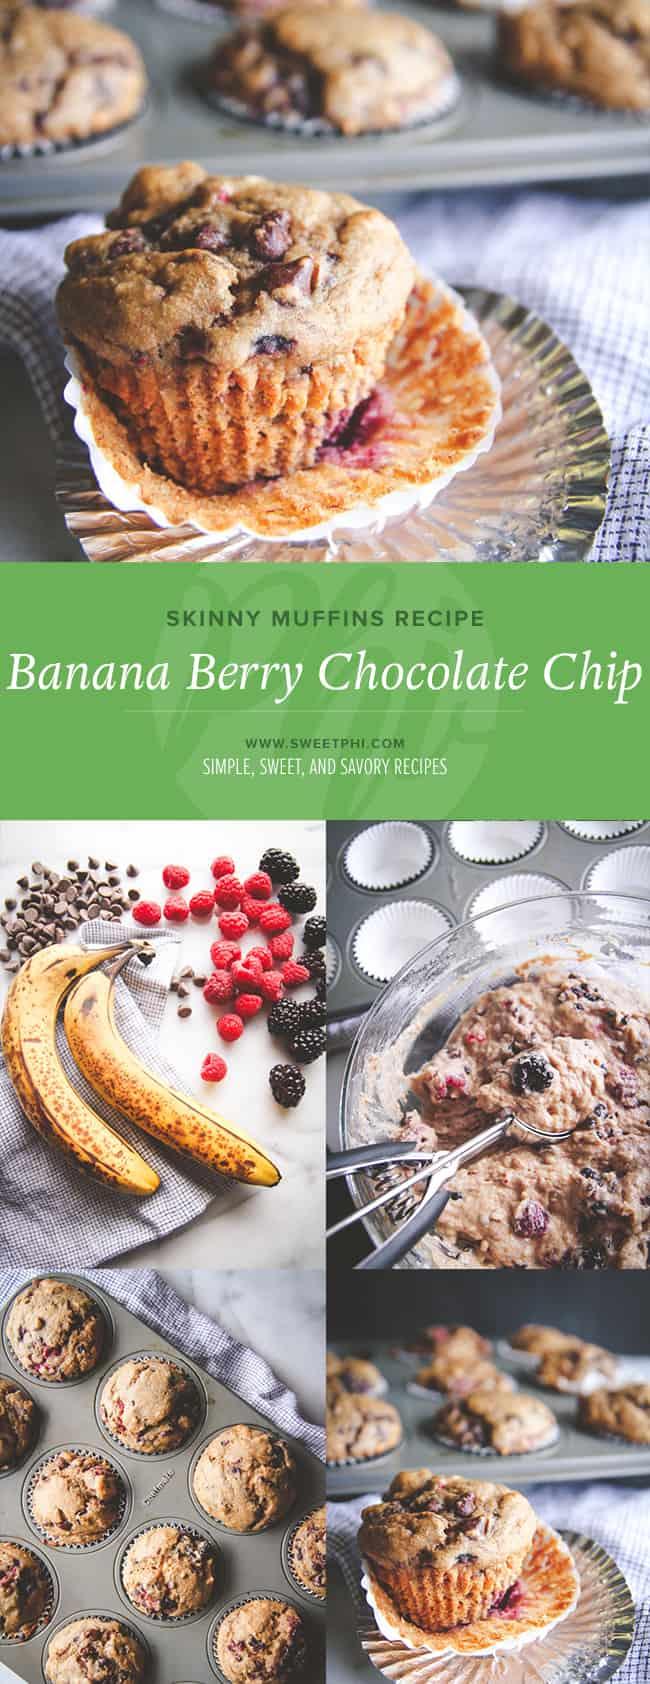 Skinny muffins recipe - skinny banana berry chocolate chip muffins from @sweetphi